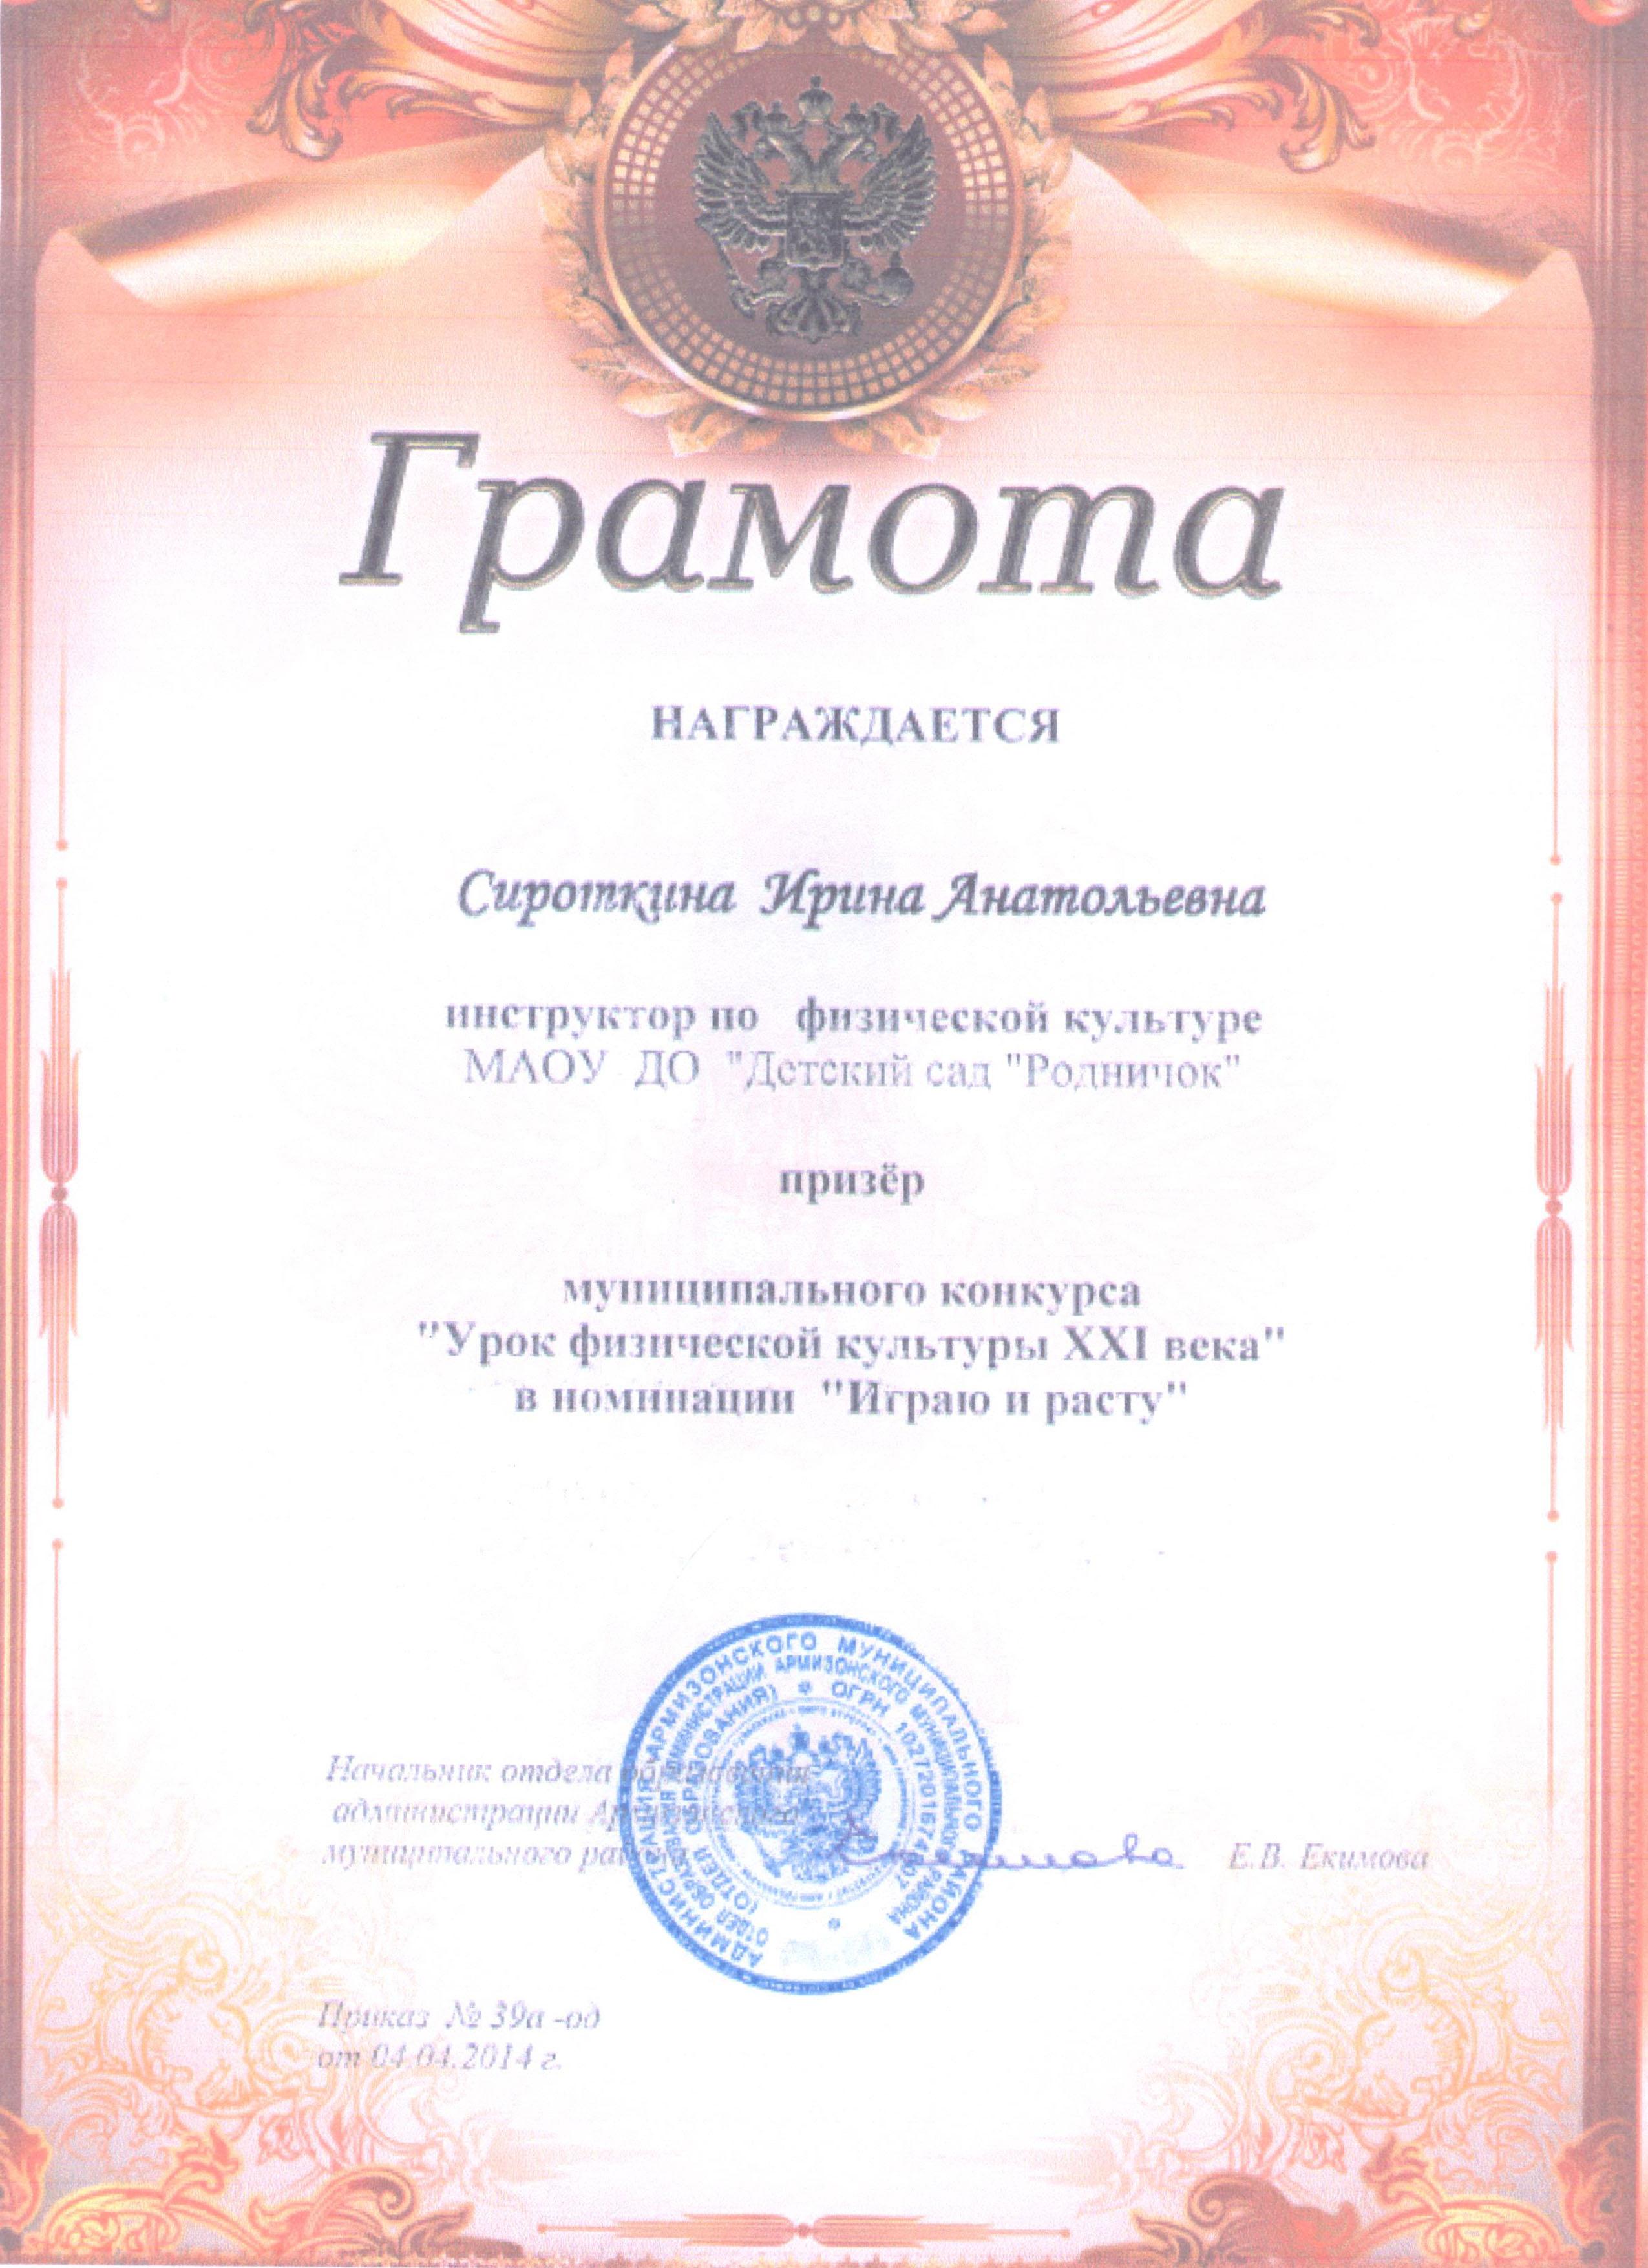 Информационная карта участника конкурса учитель года